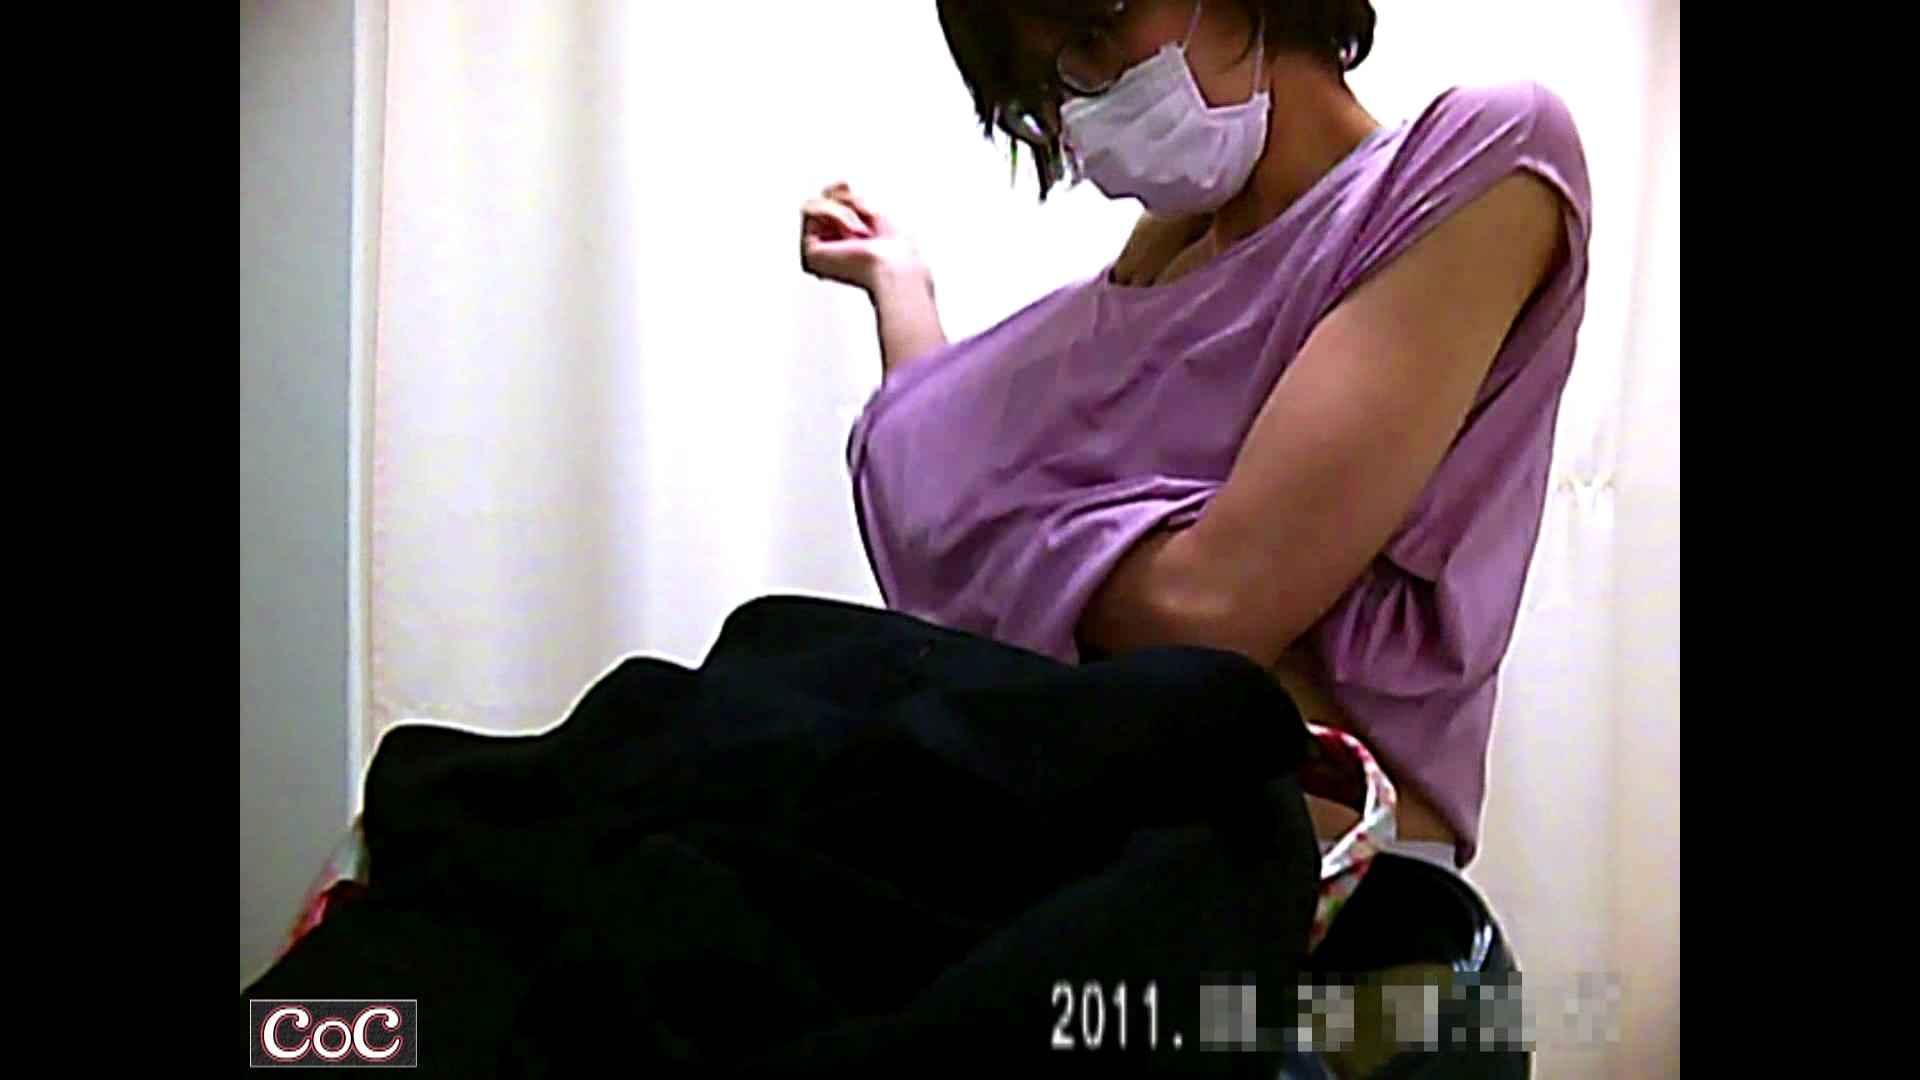 病院おもいっきり着替え! vol.17 独身エッチOL   綺麗なおっぱい  92pic 34